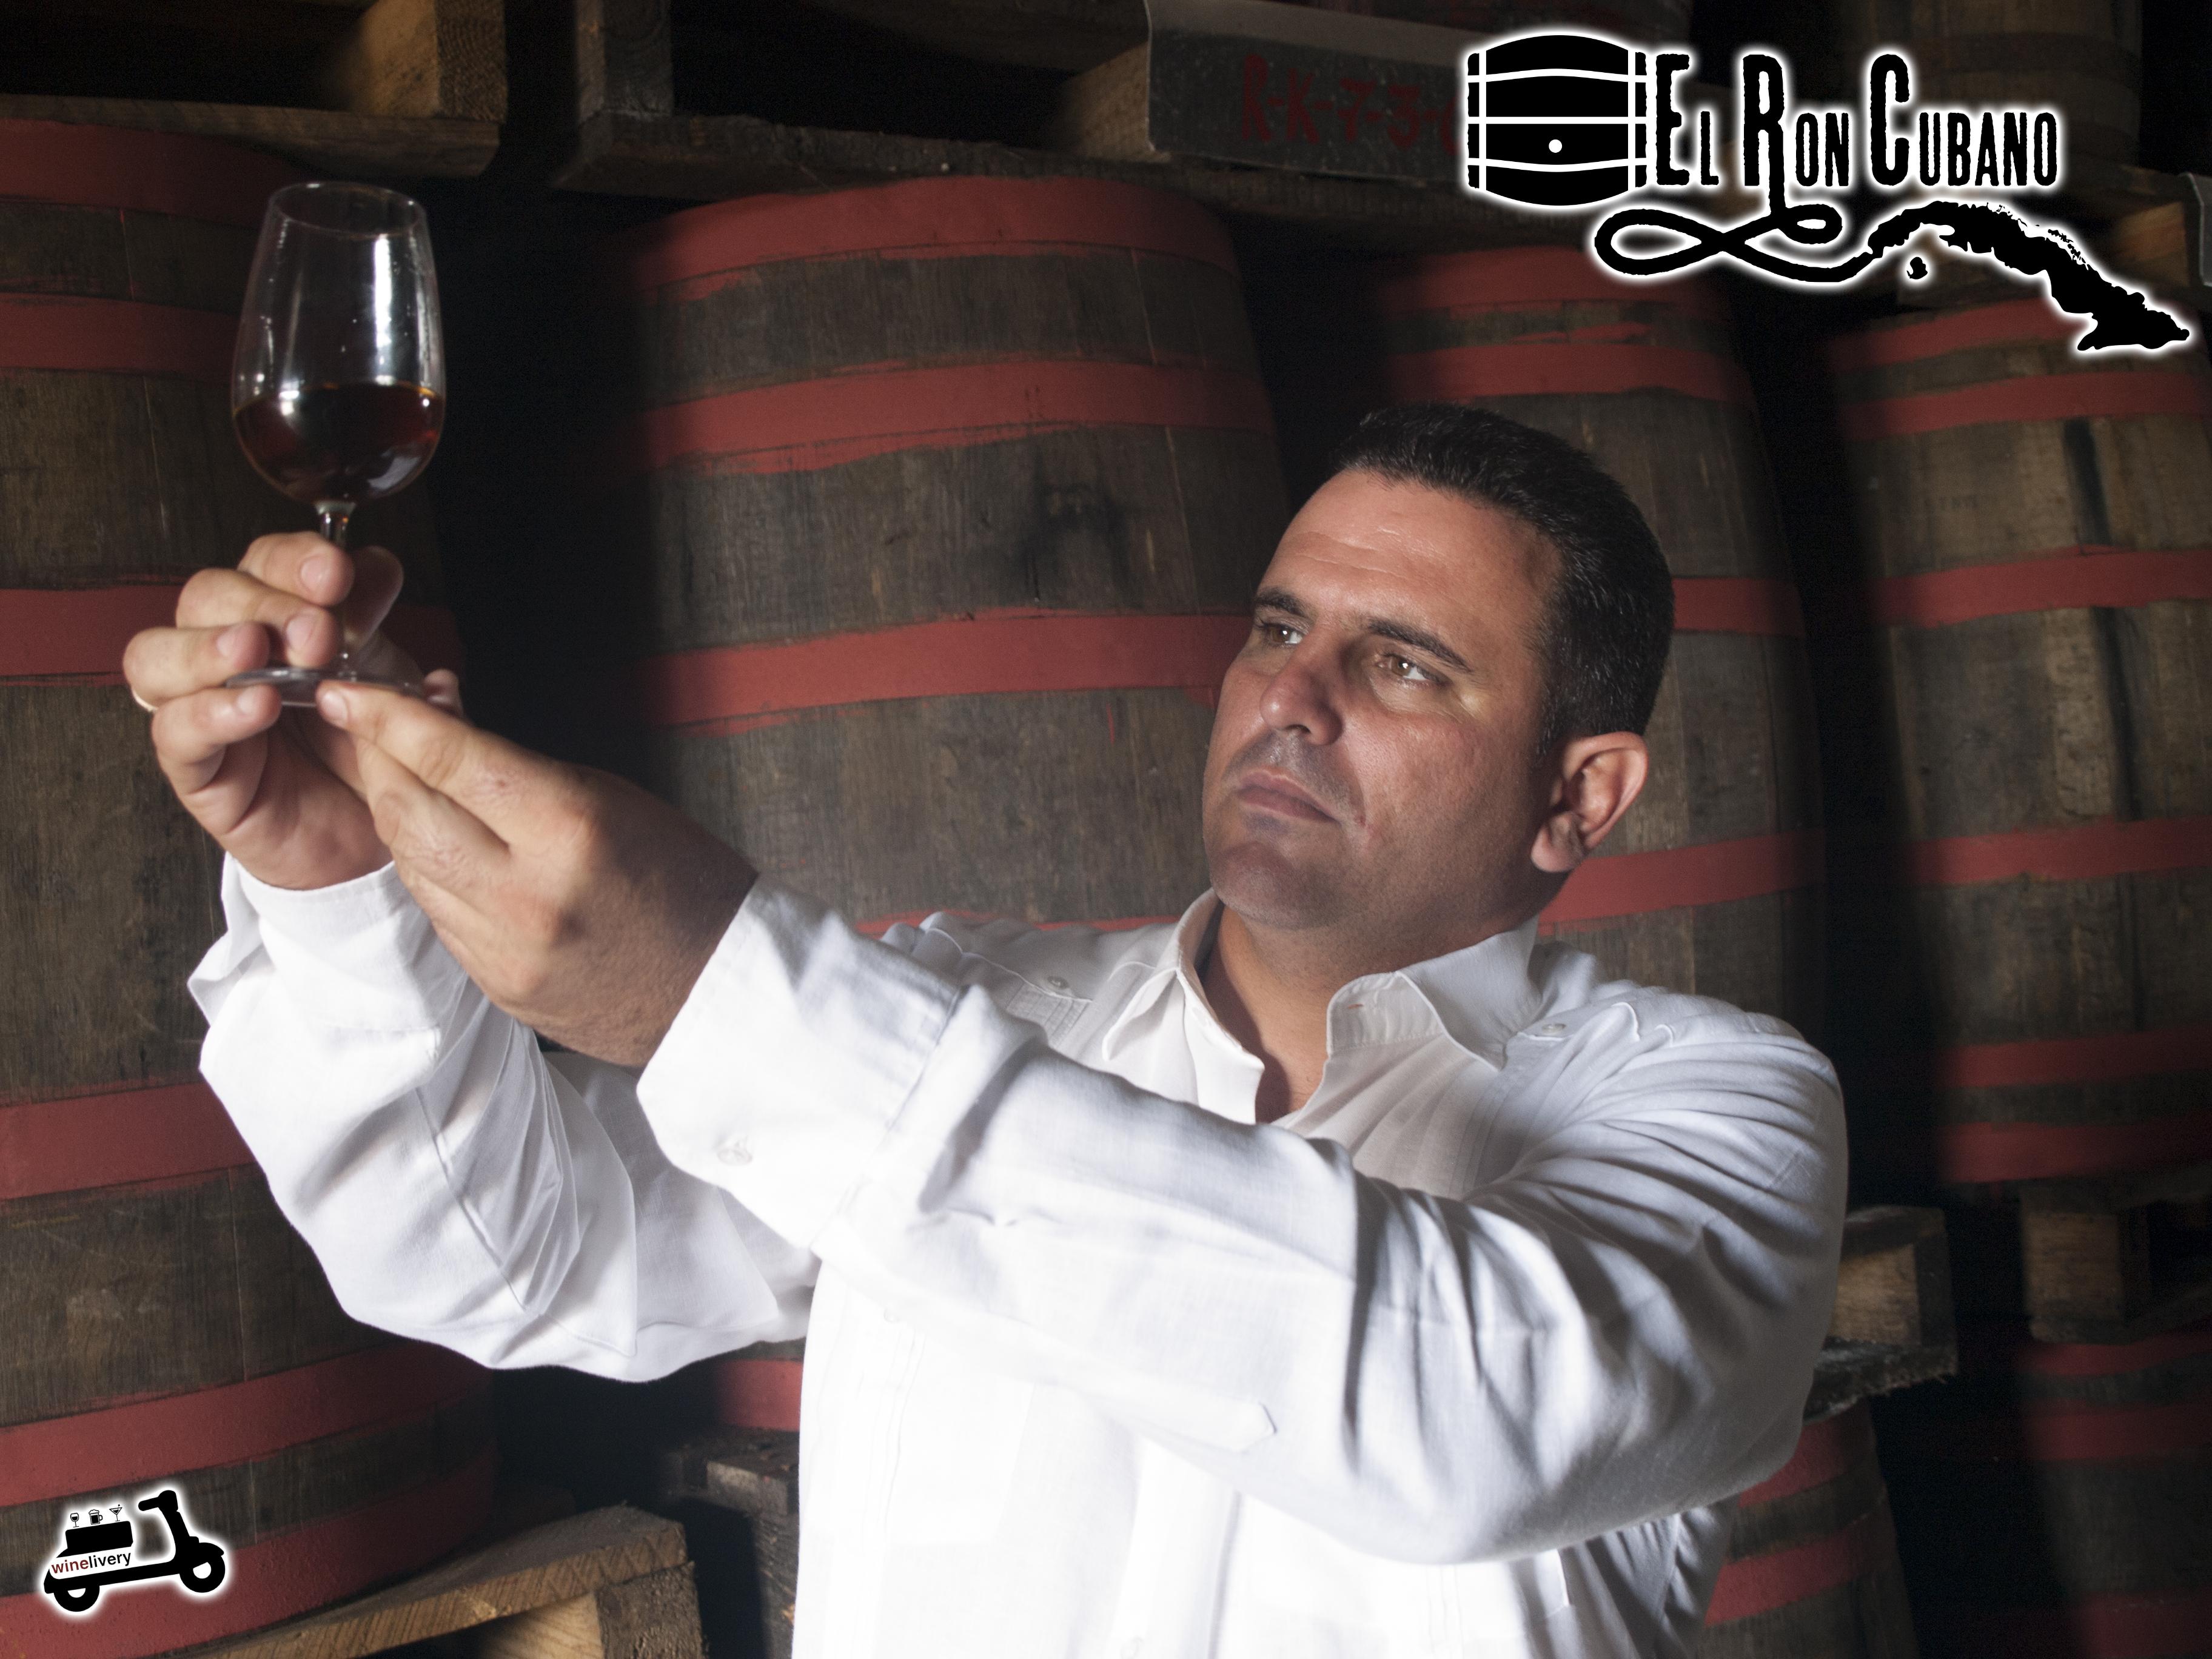 El Ron Cubano, quello vero, lo trovi su winelivery!